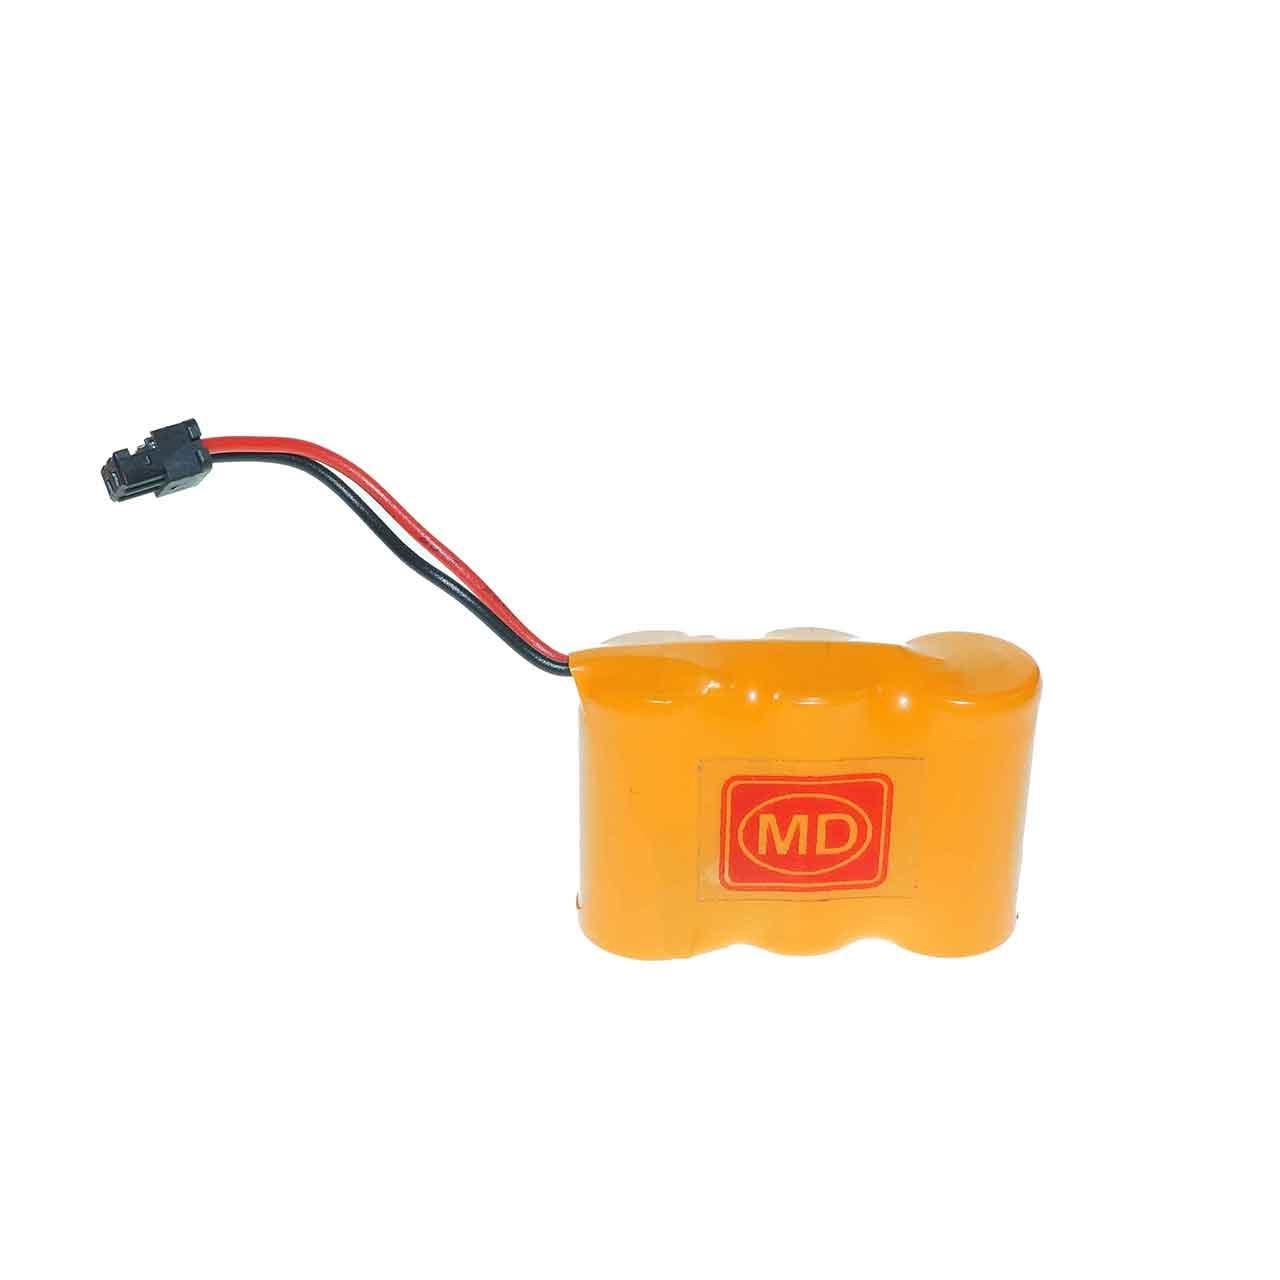 قیمت                      باتری تلفن بی سیم MD مدلHHR-P501